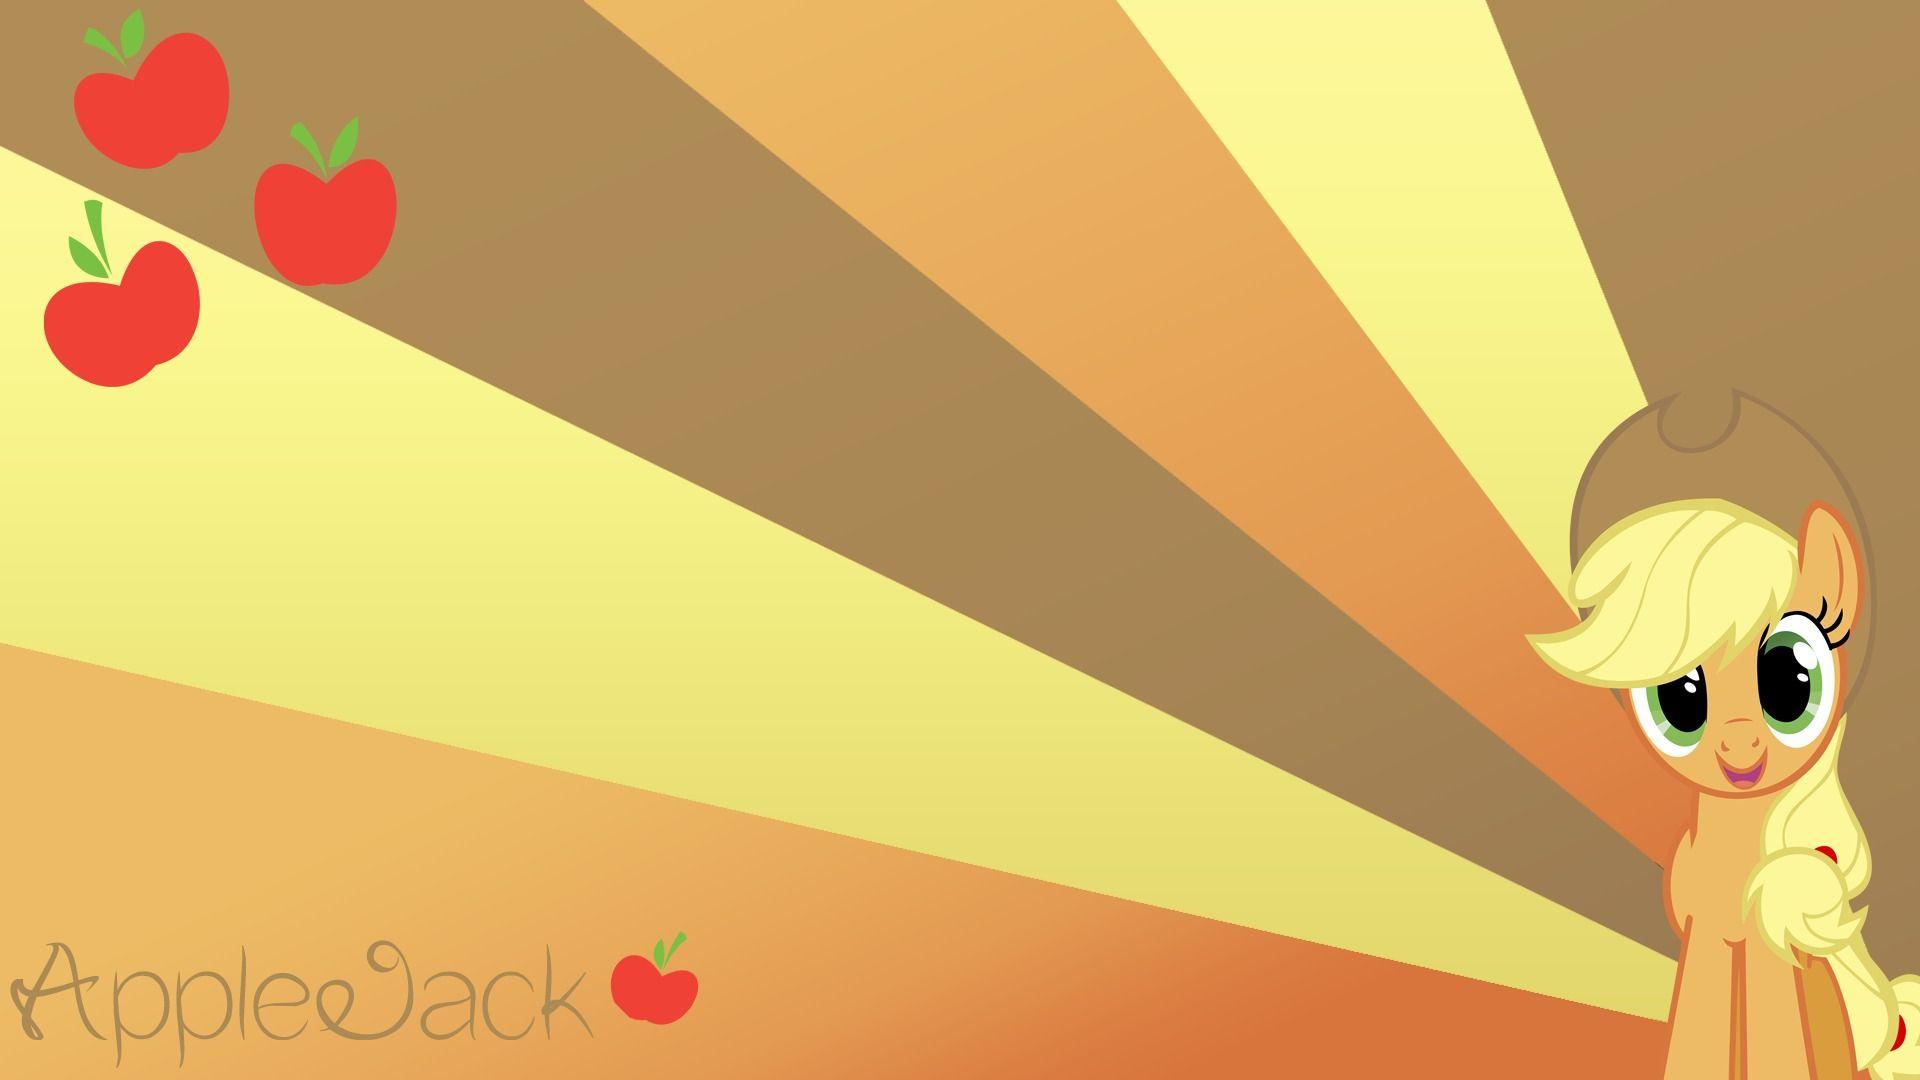 Applejack Applejack Wallpaper 1920x1080 My Little Pony Friendship My Little Pony Wallpaper